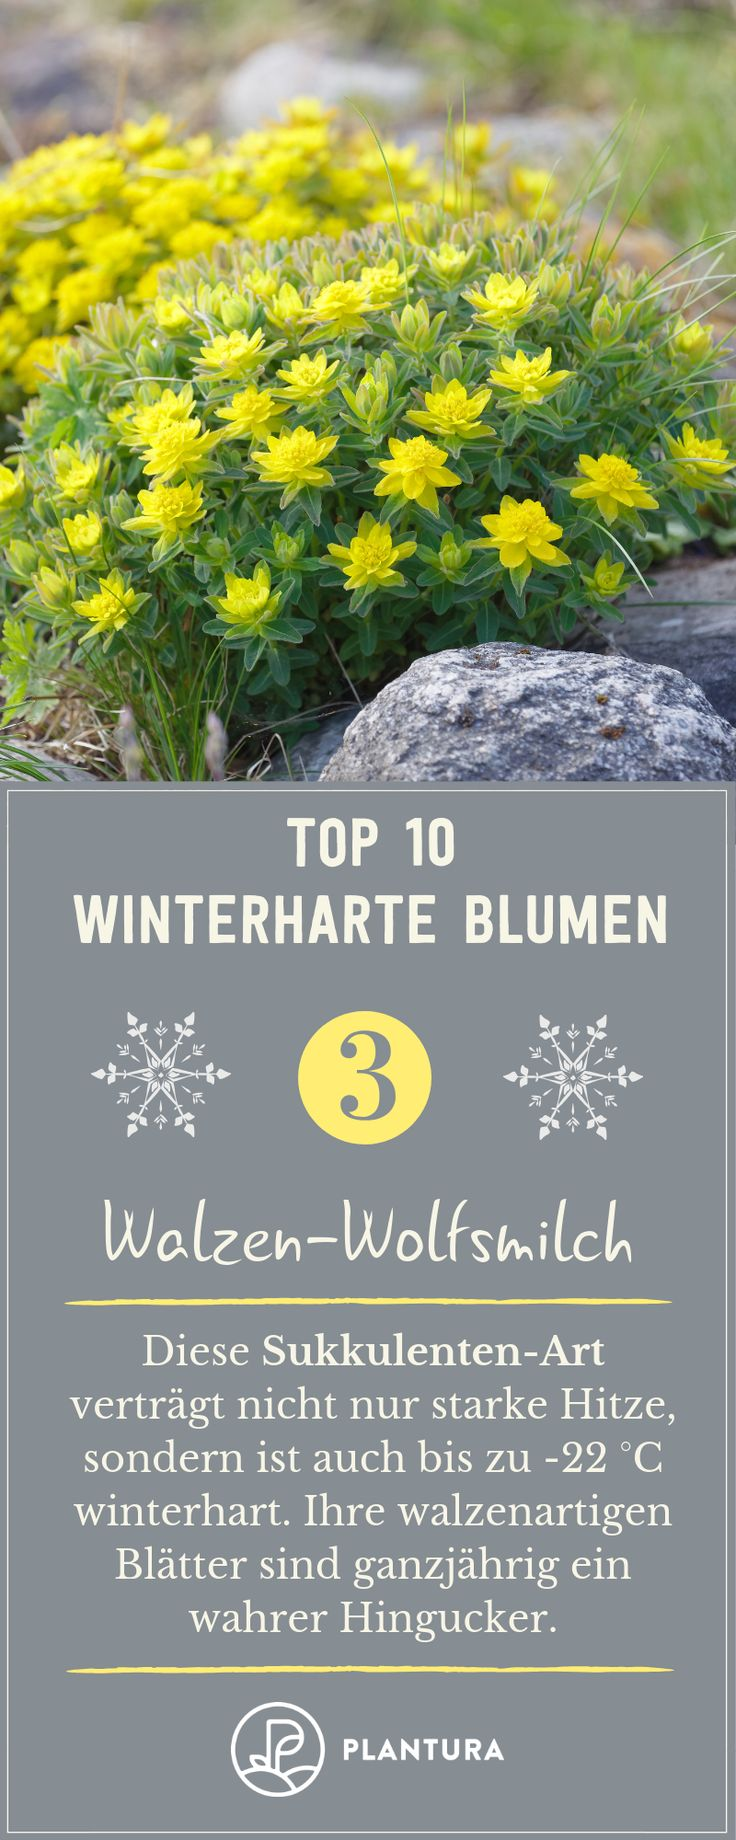 Winterharte Blumen: Die robusten Top 10 für Ihren Garten – Plantura   Garten Ideen & Tipps   Gemüse, Obst, Kräuter